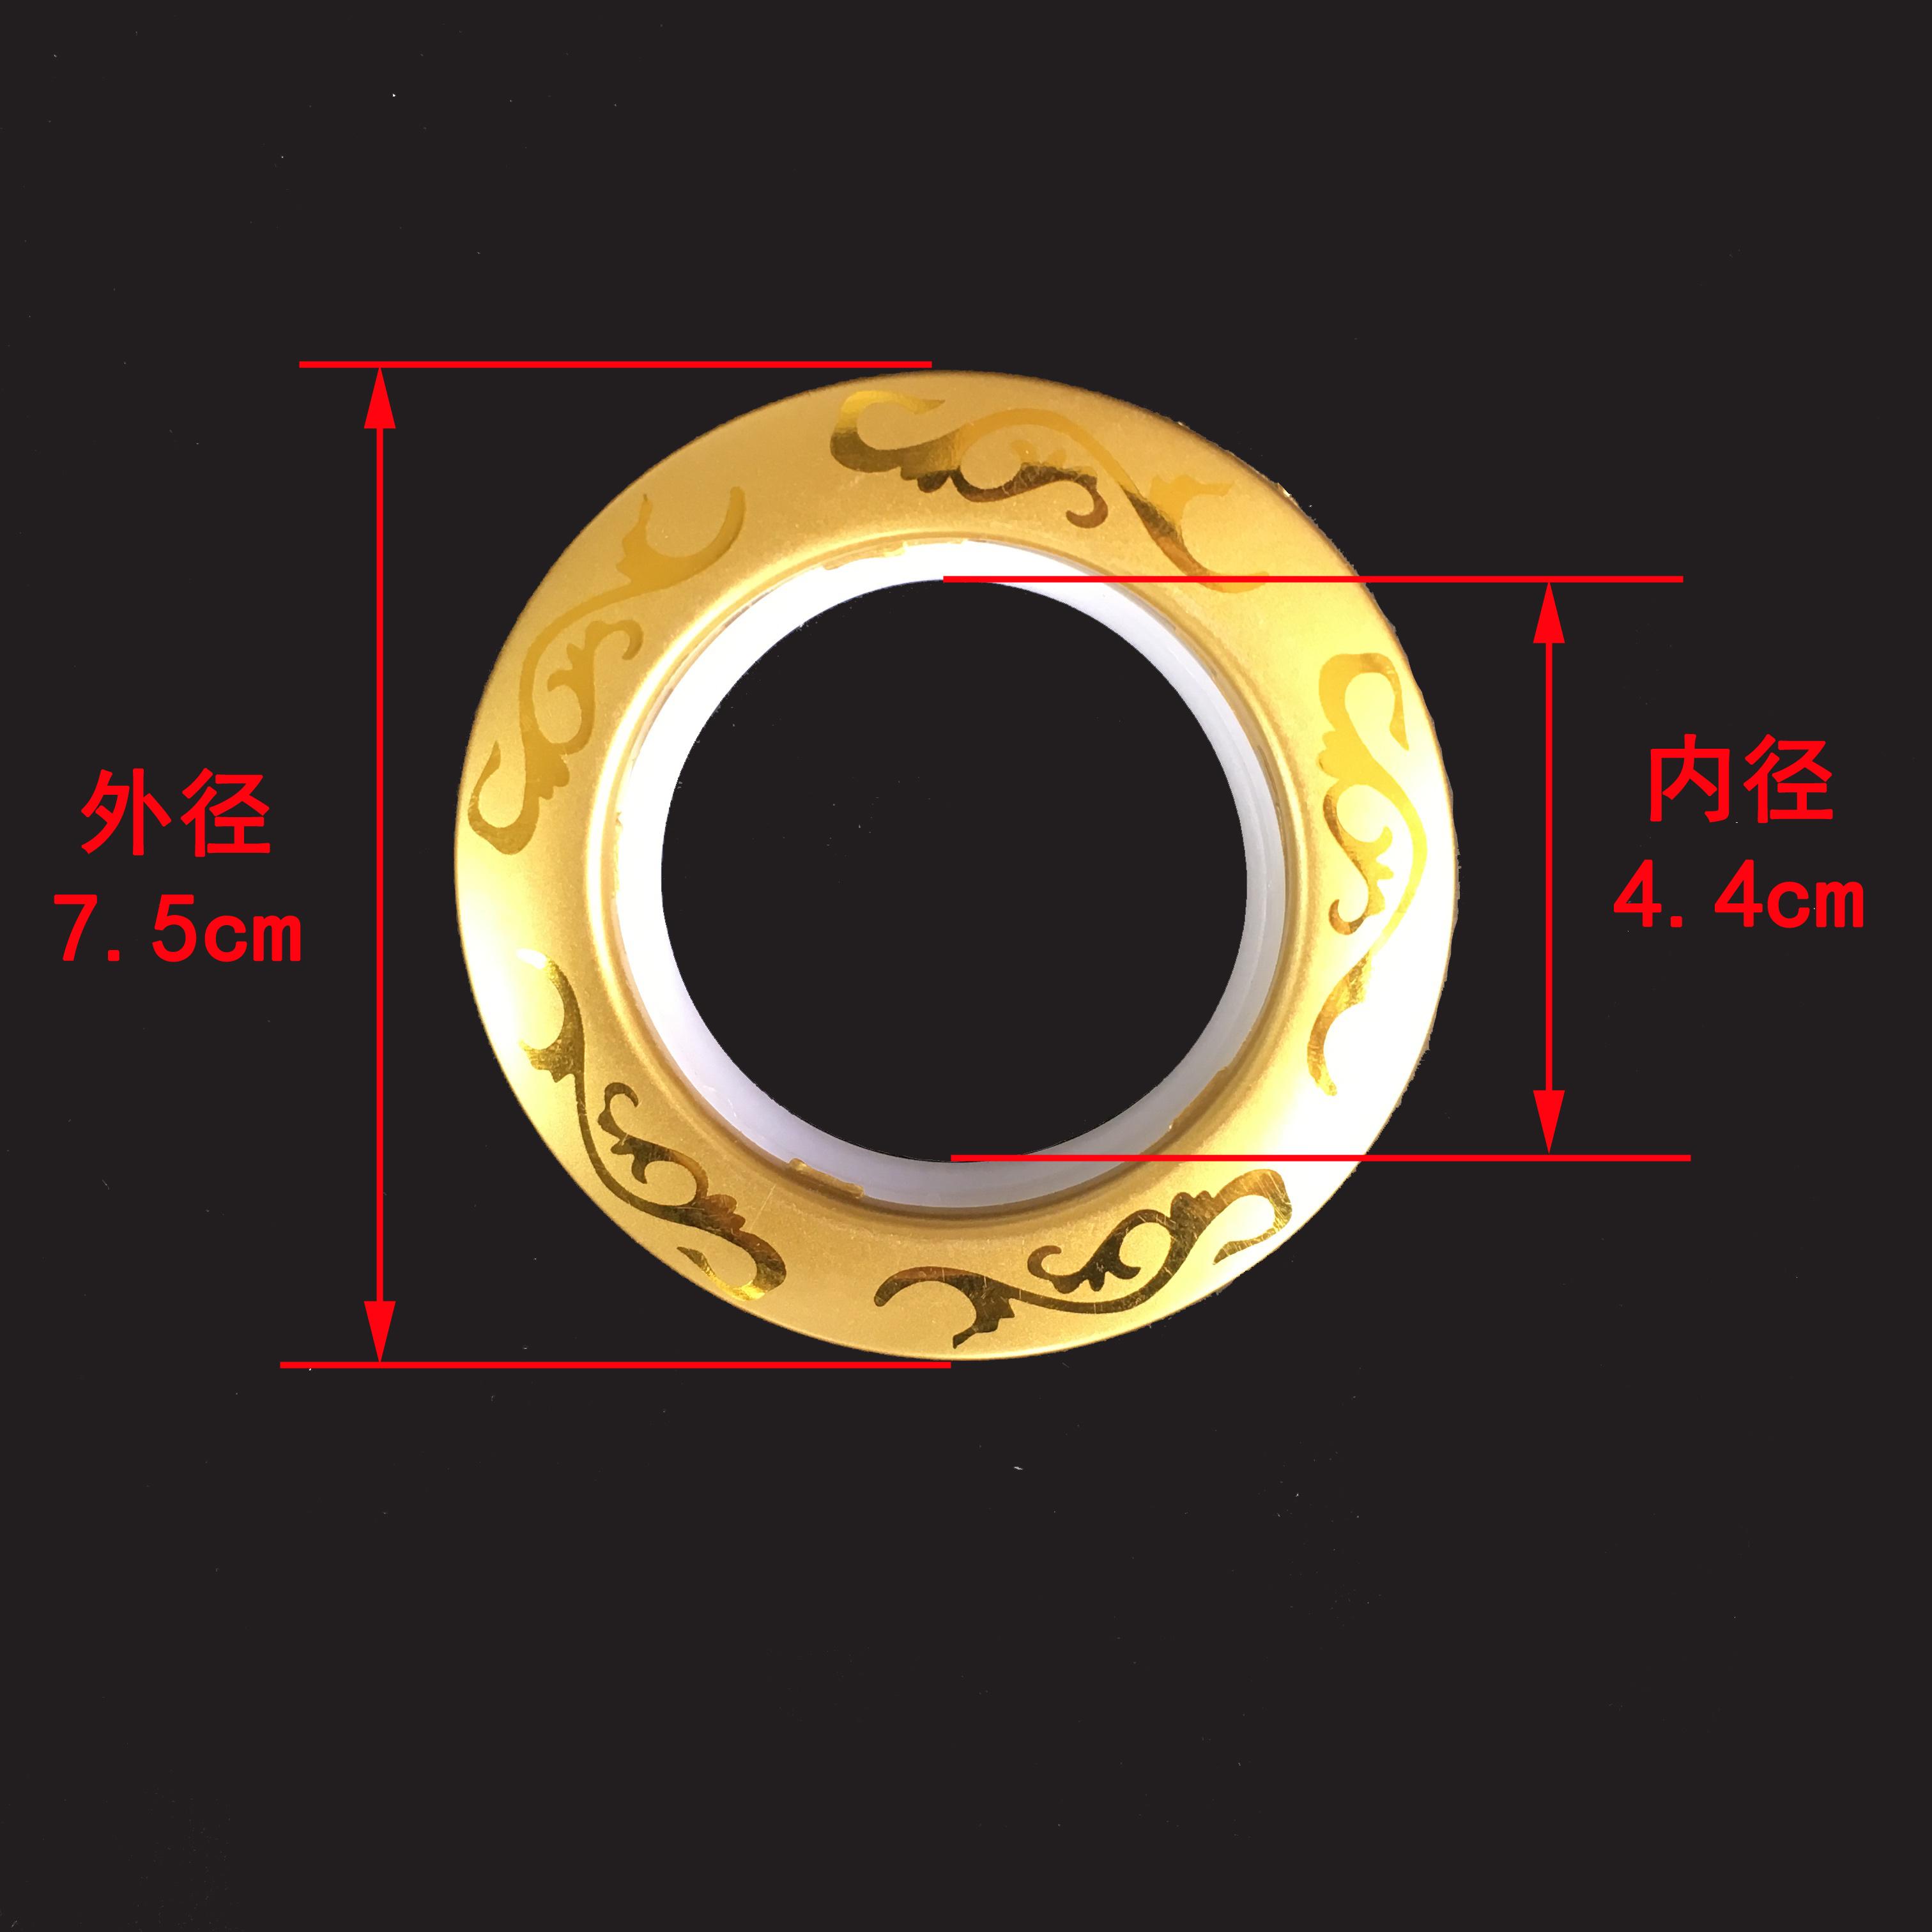 почта пакет - занавес аксессуары аксессуары Римский род кольцо кольцо кольцо в Риме занавес бить тканью вспомогательные глушителей кольцо